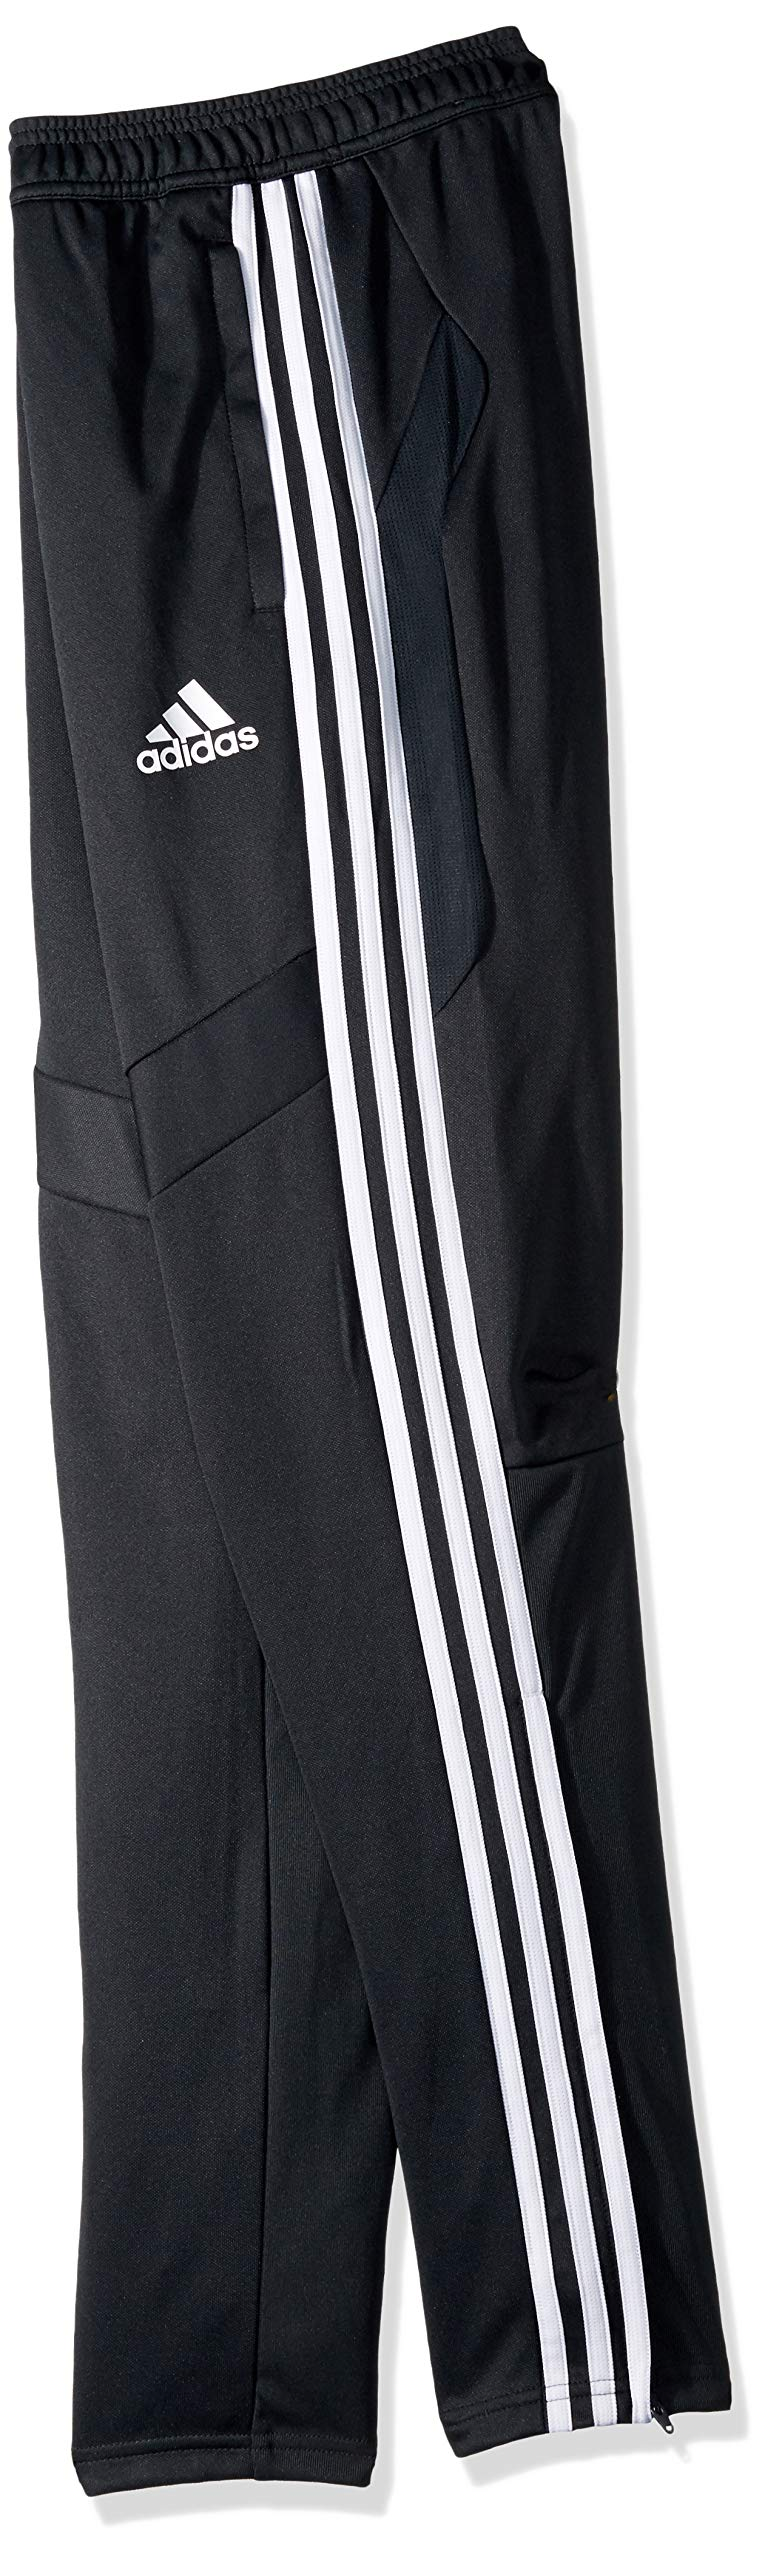 adidas Kids' Youth Tiro19, Dark Grey/White, Medium by adidas (Image #2)